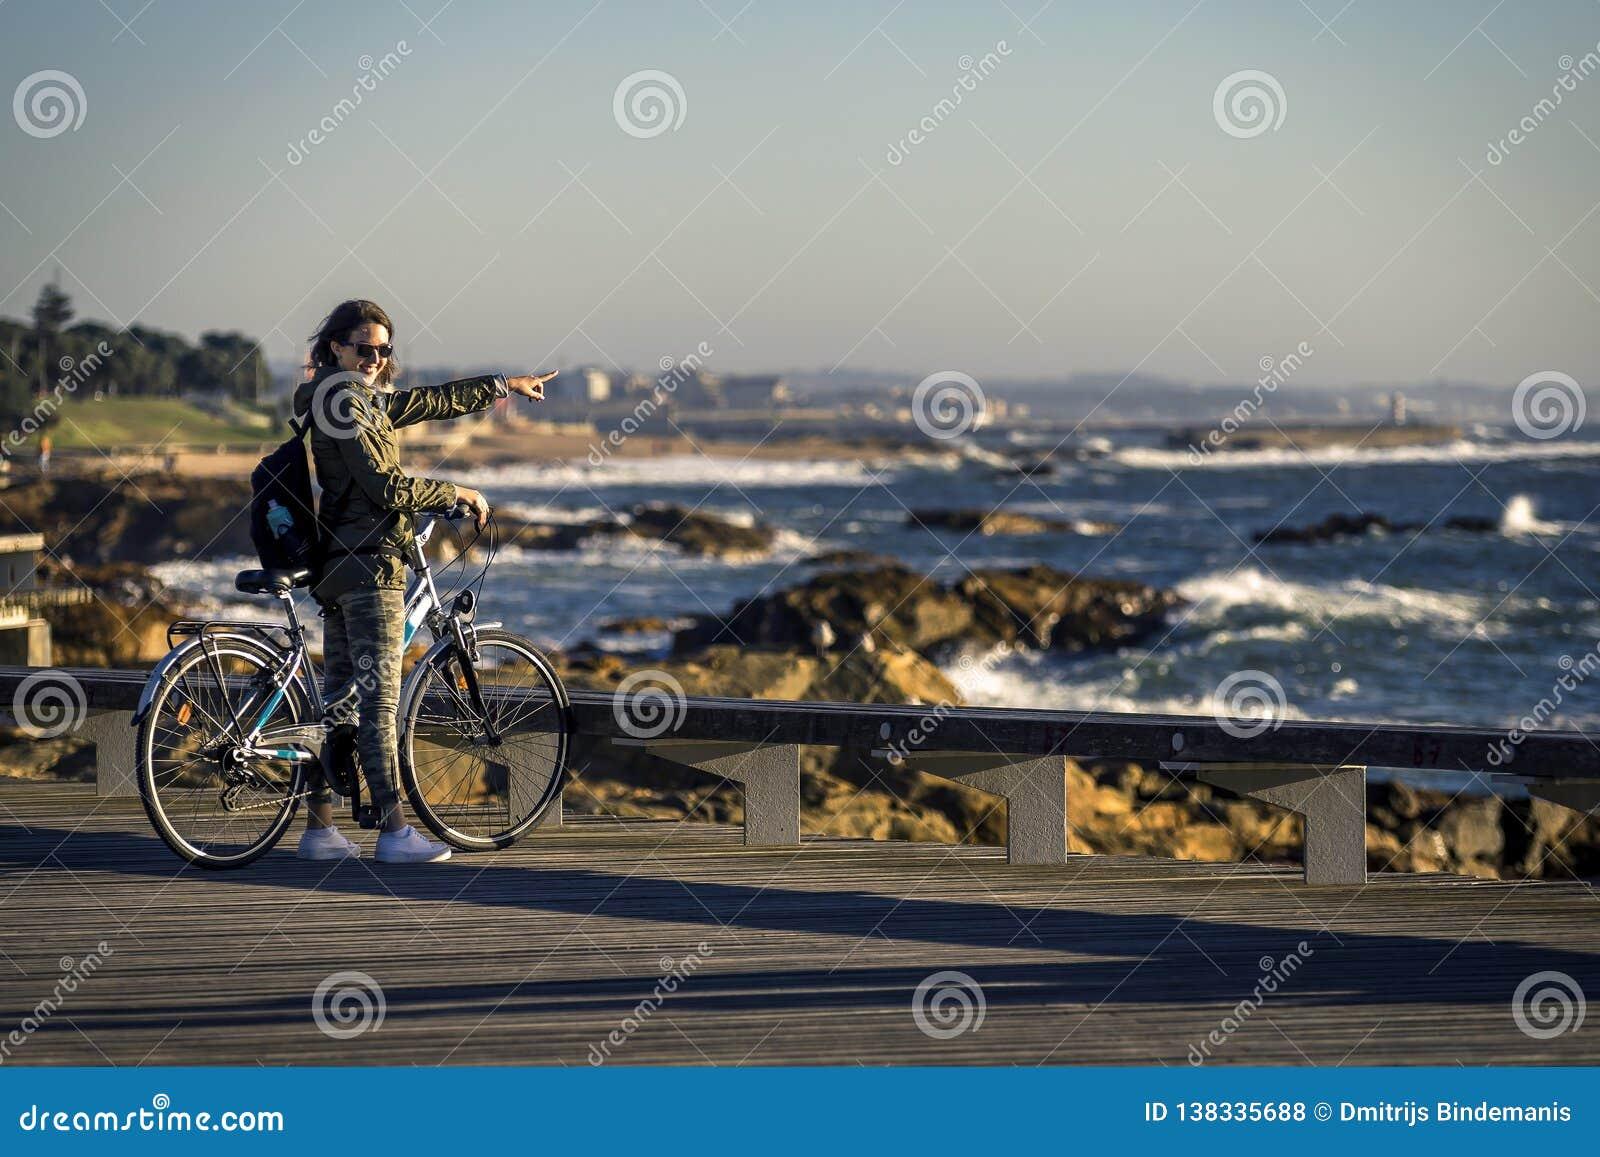 A menina nova e bonita está montando uma bicicleta pelo cais ao lado do Oceano Atlântico